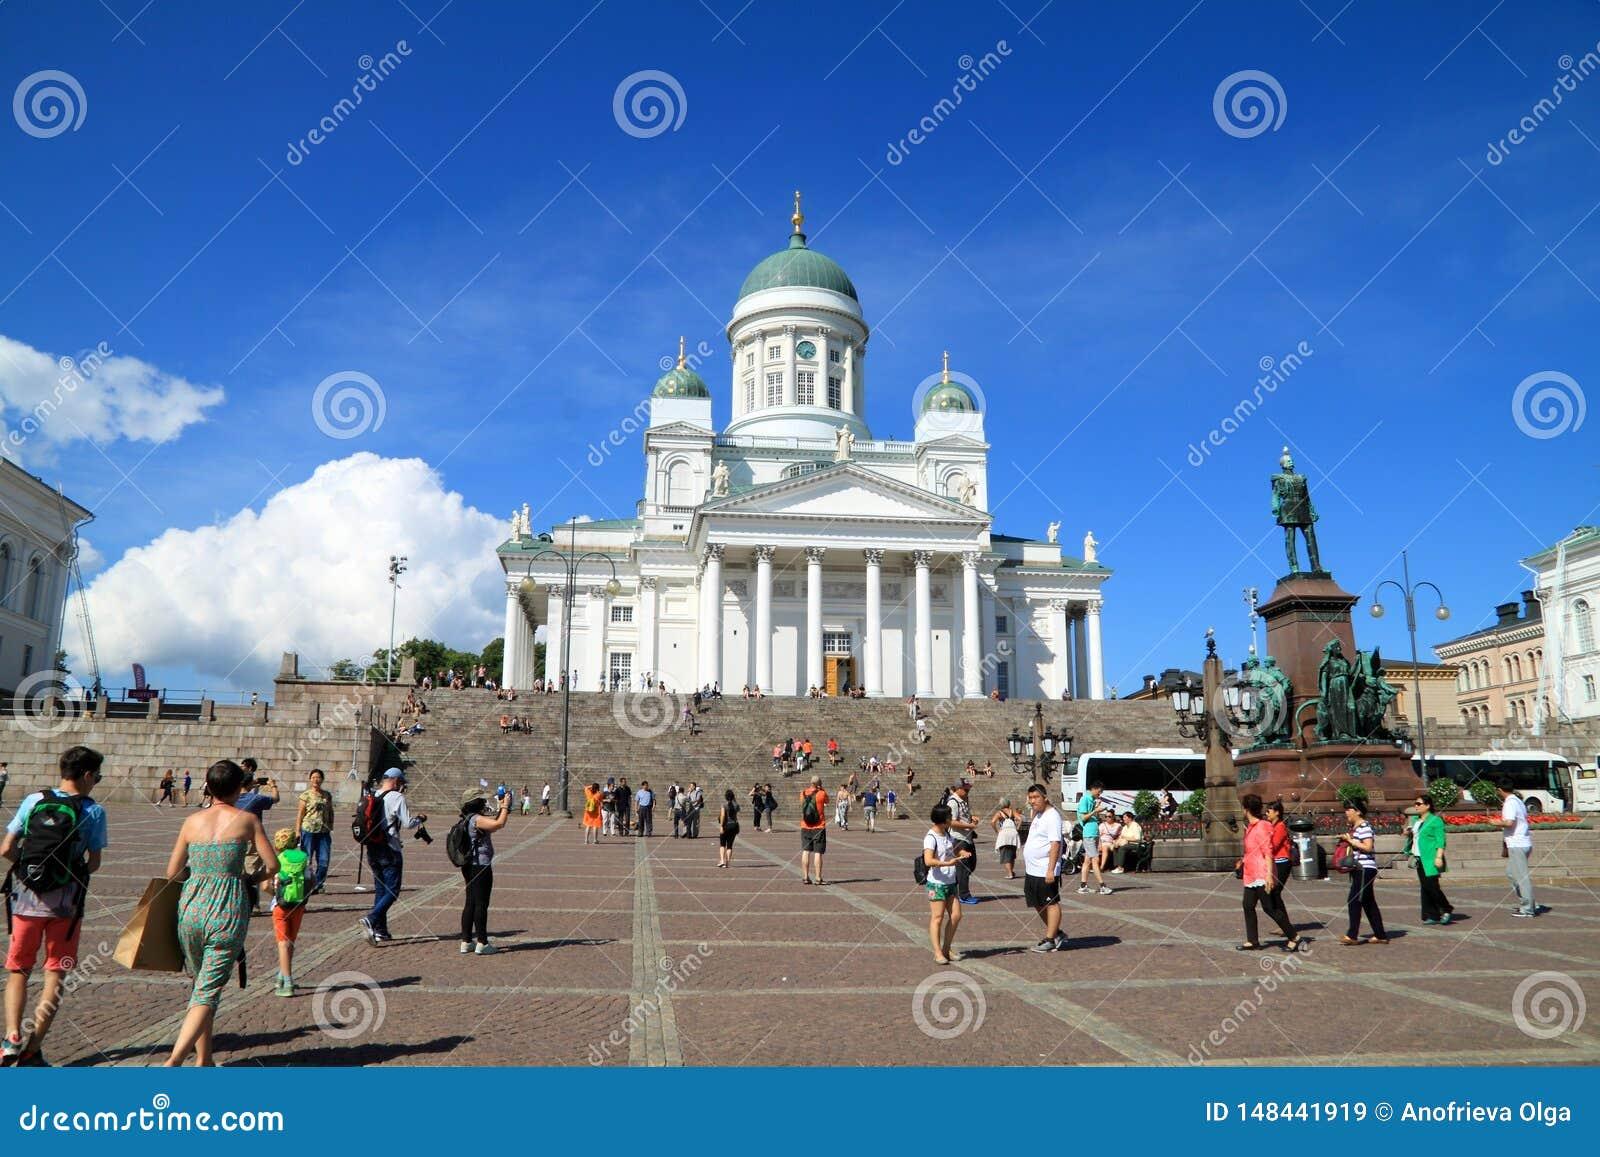 Samlas turism i Finland, domkyrka av Helsingfors